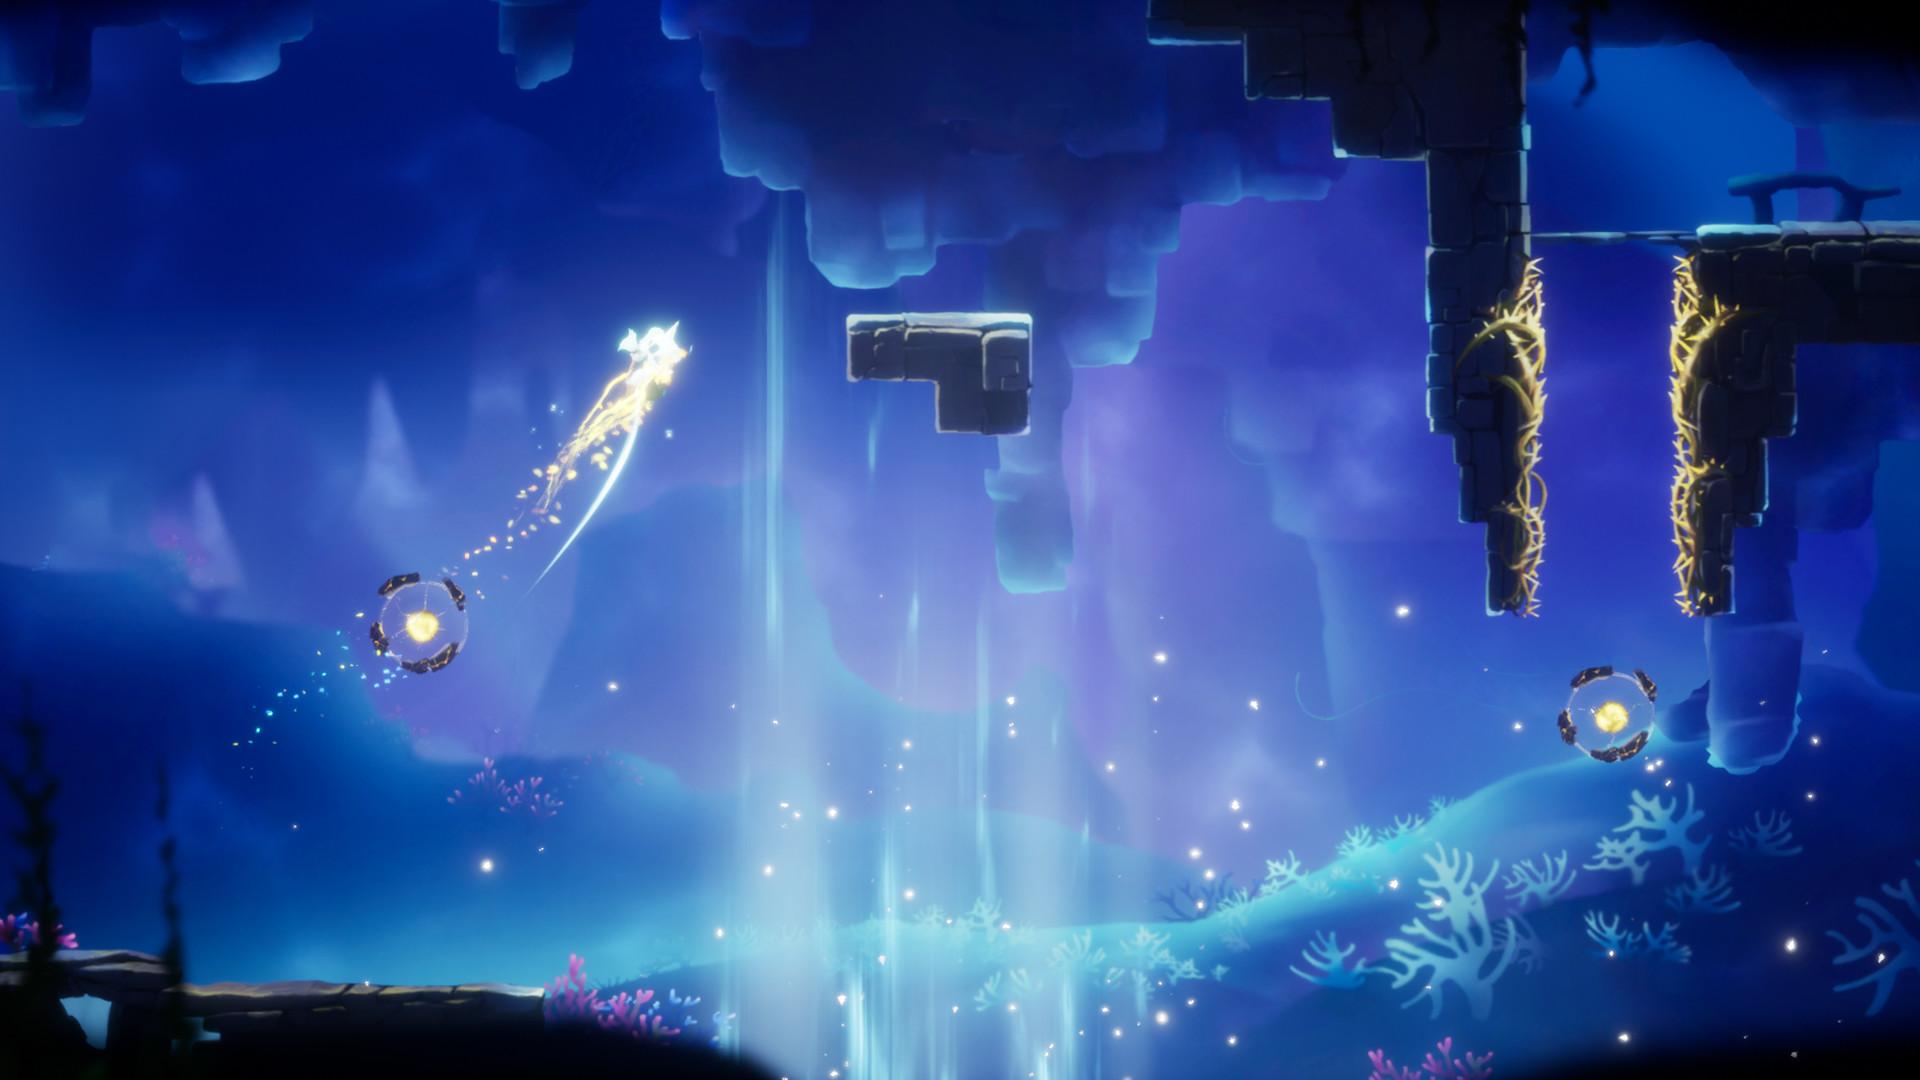 lumione-pc-screenshot-3